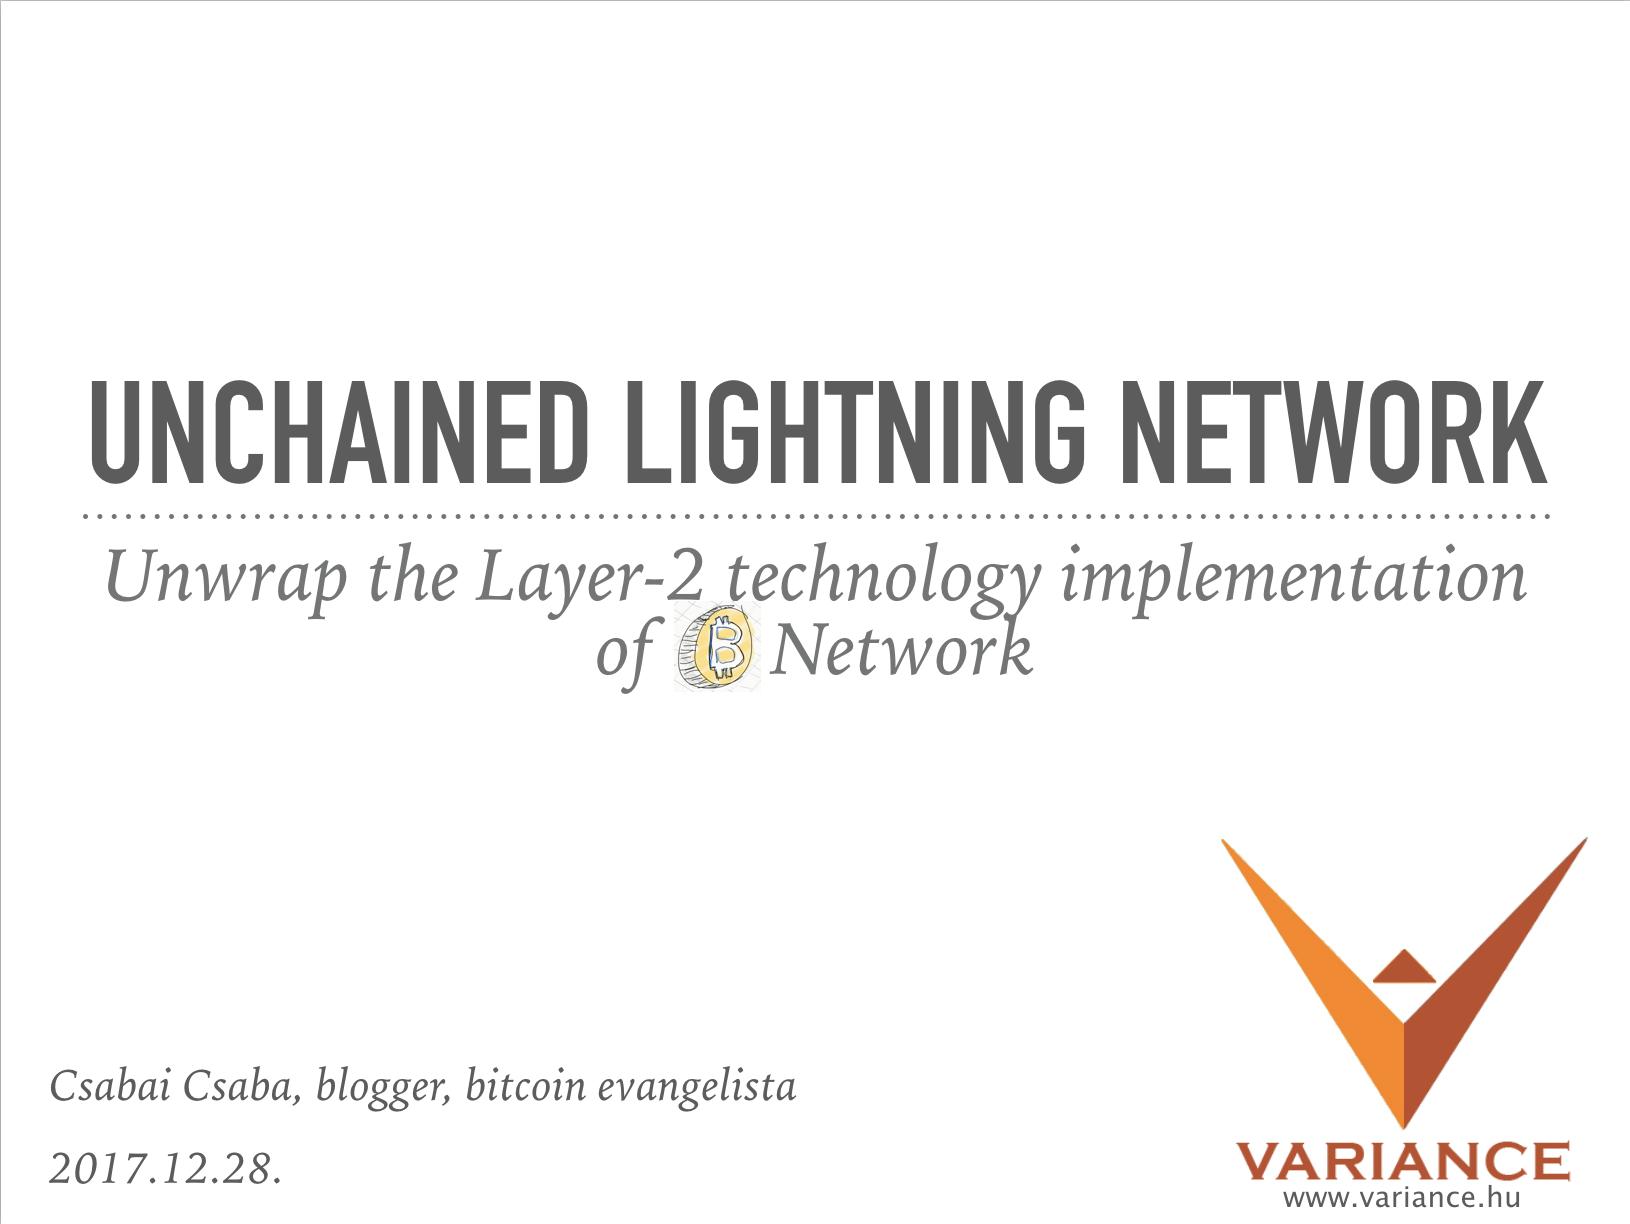 Beszélgessünk még egy kicsit a Lightning Networkről...